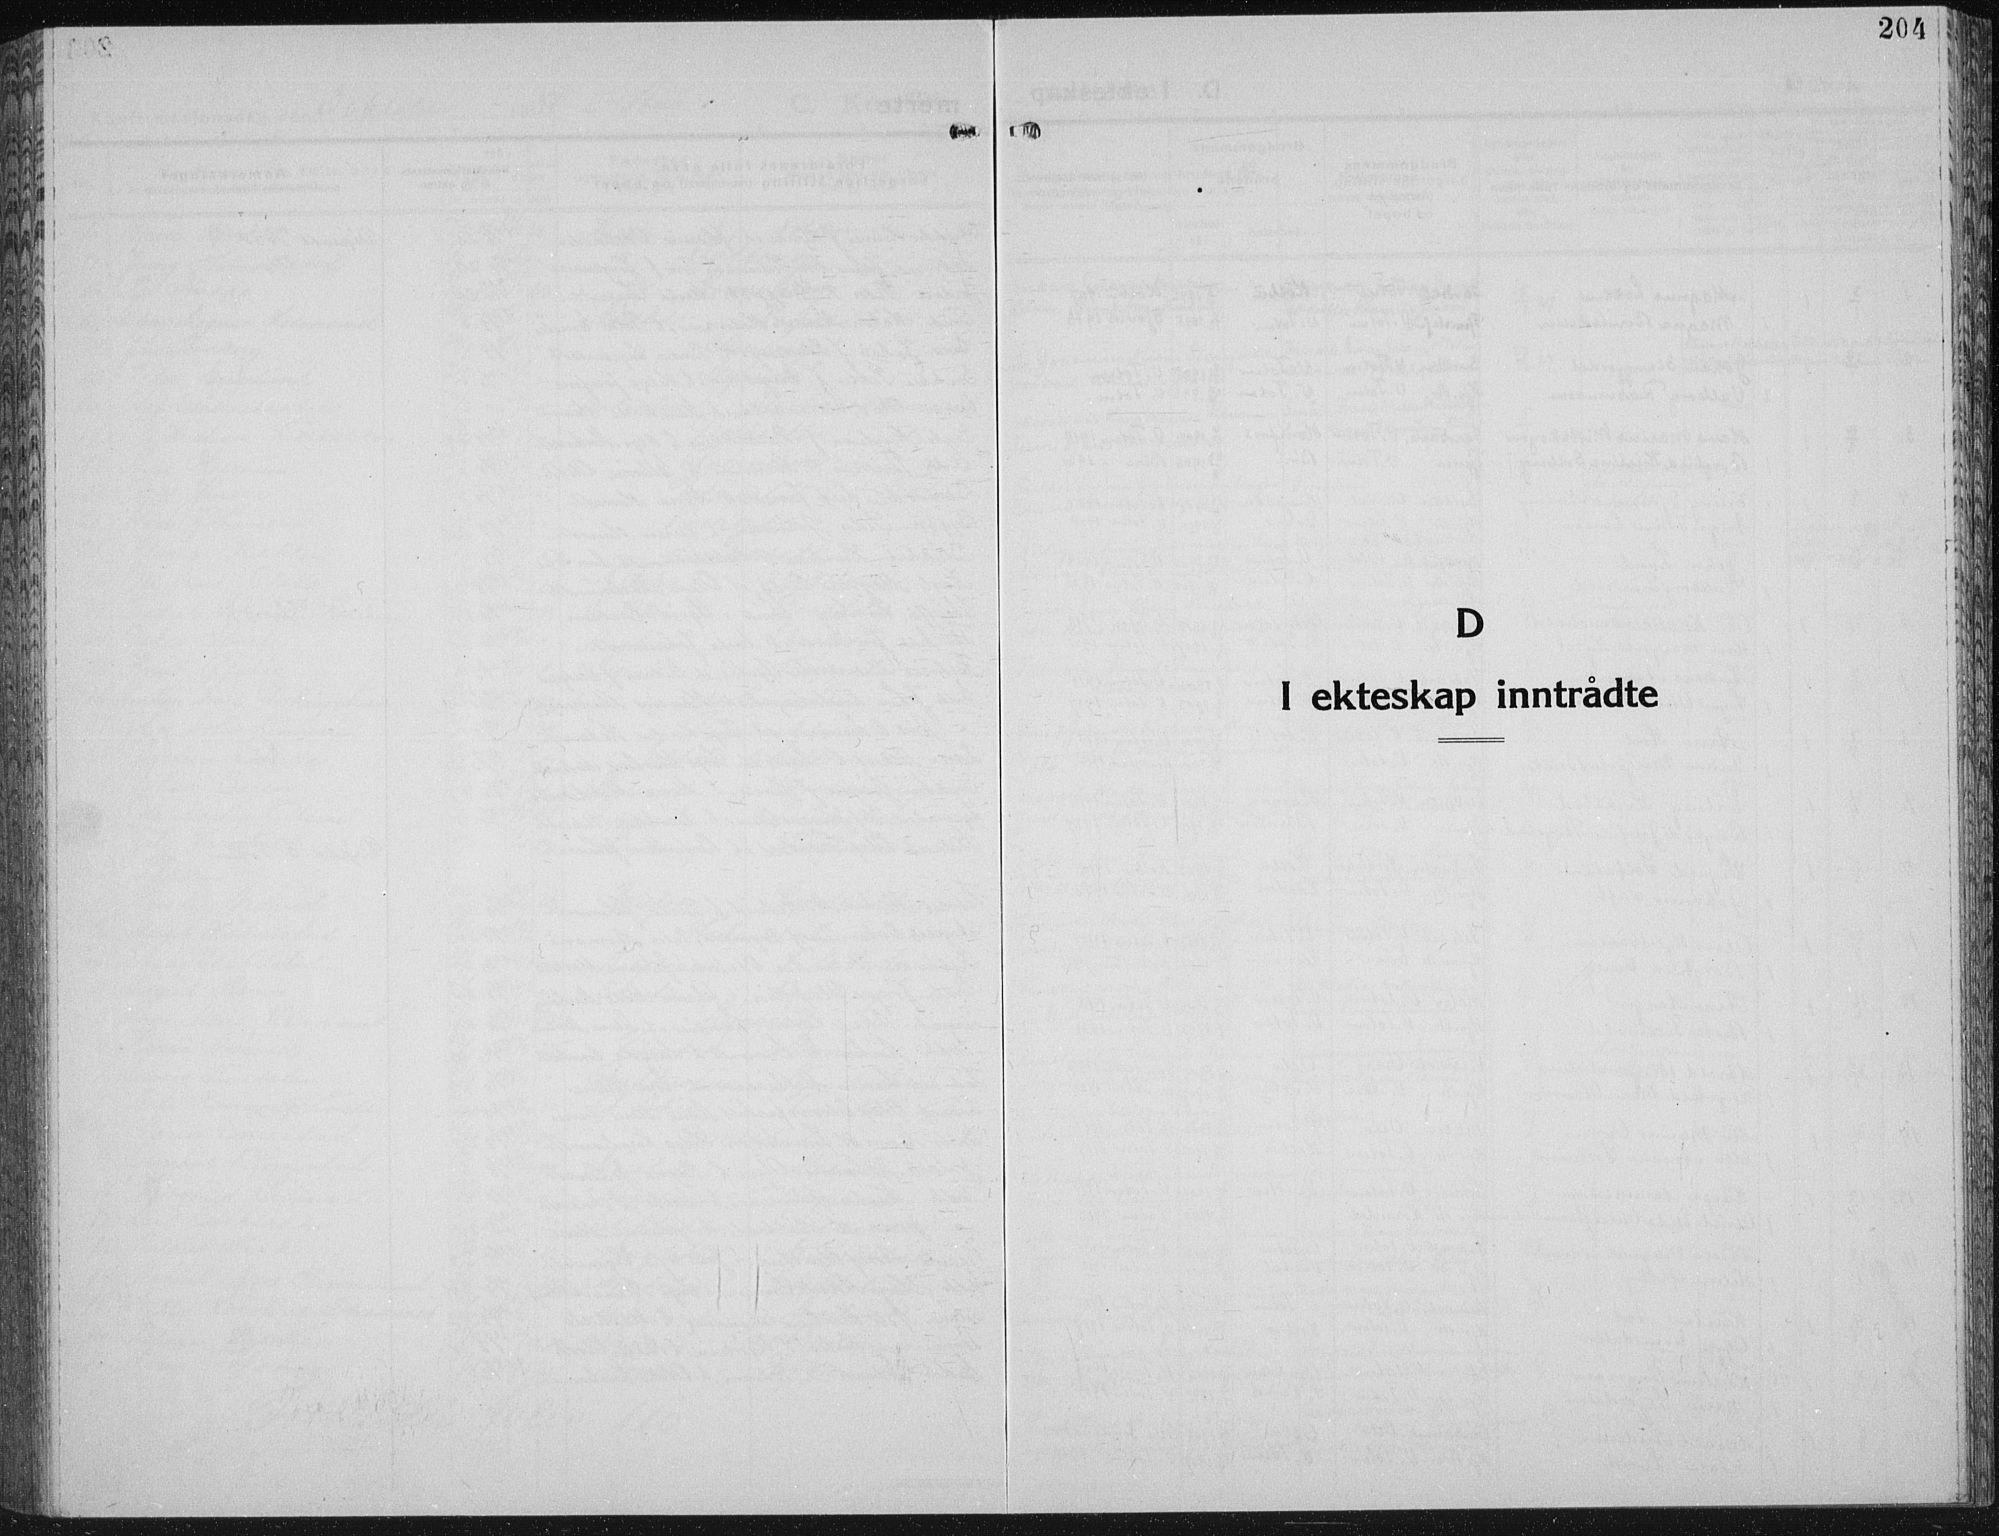 SAH, Vestre Toten prestekontor, H/Ha/Hab/L0018: Klokkerbok nr. 18, 1928-1941, s. 204